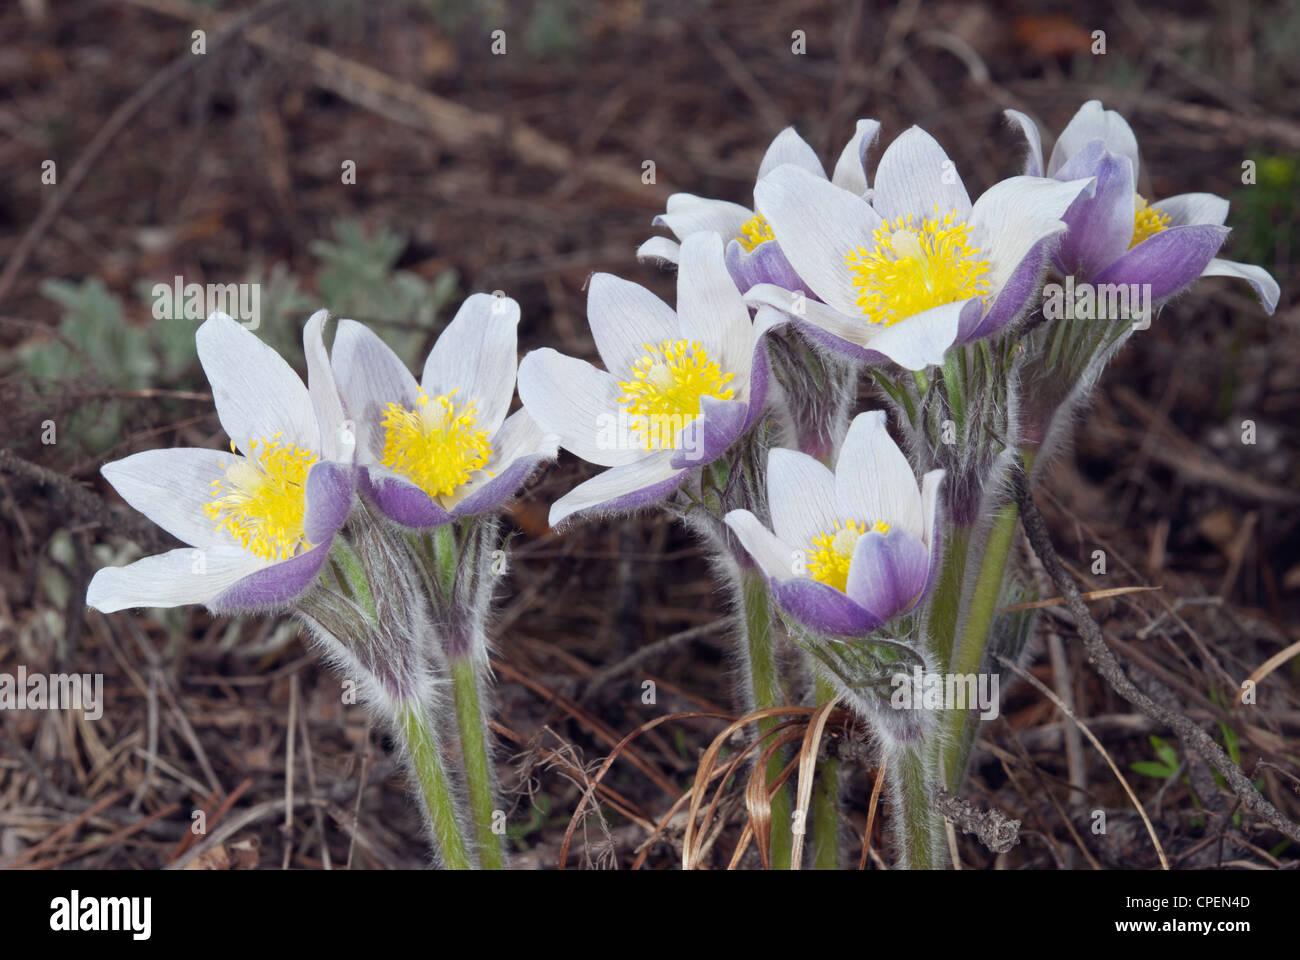 Pasque-flower (Pulsatilla patens, P. latifolia) - Stock Image